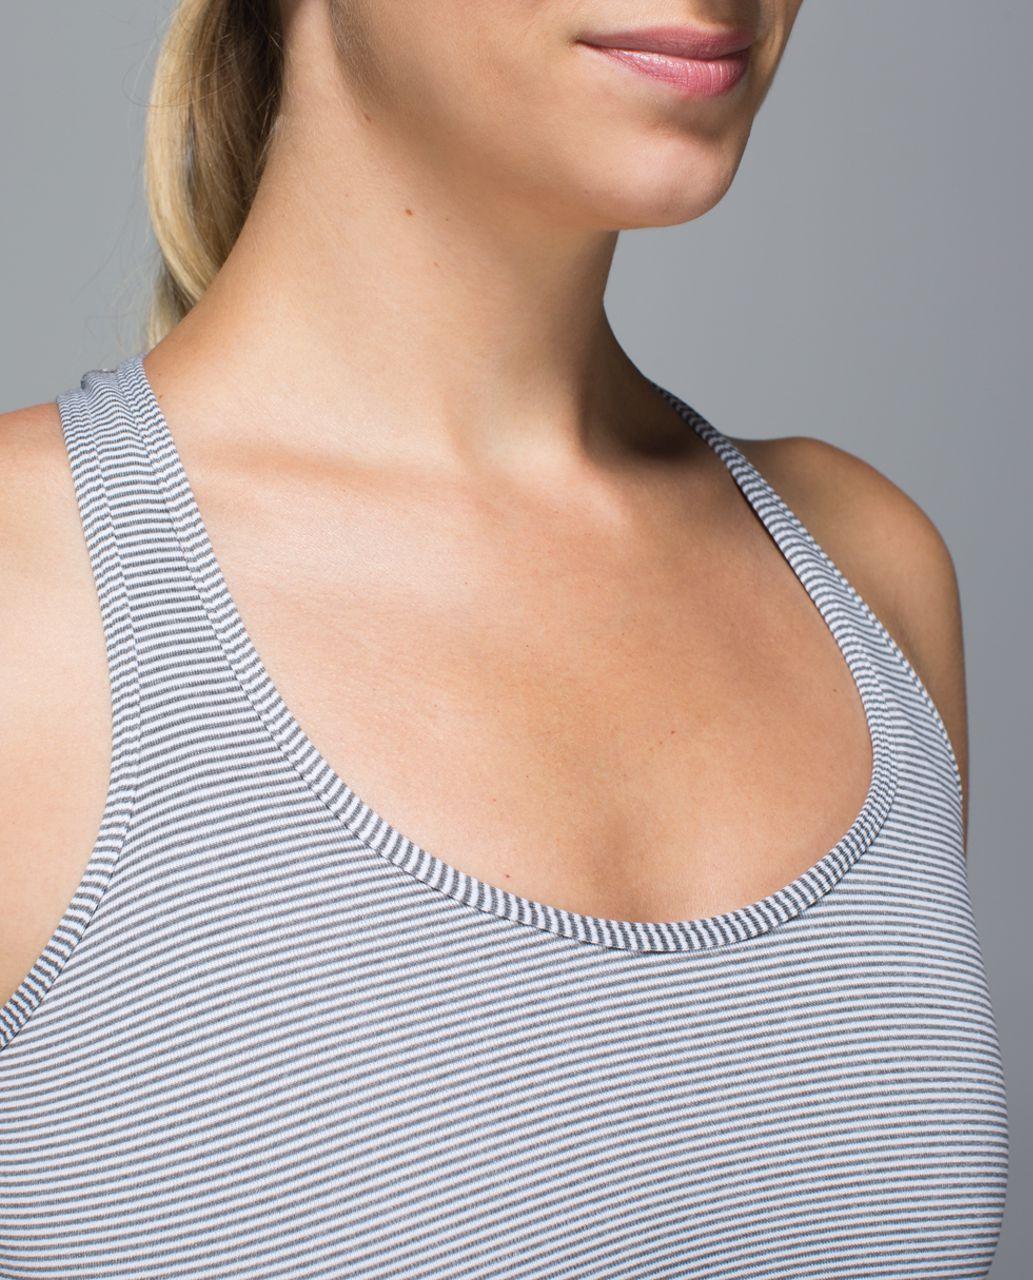 Lululemon Cool Racerback - Tonka Stripe Heathered Slate White